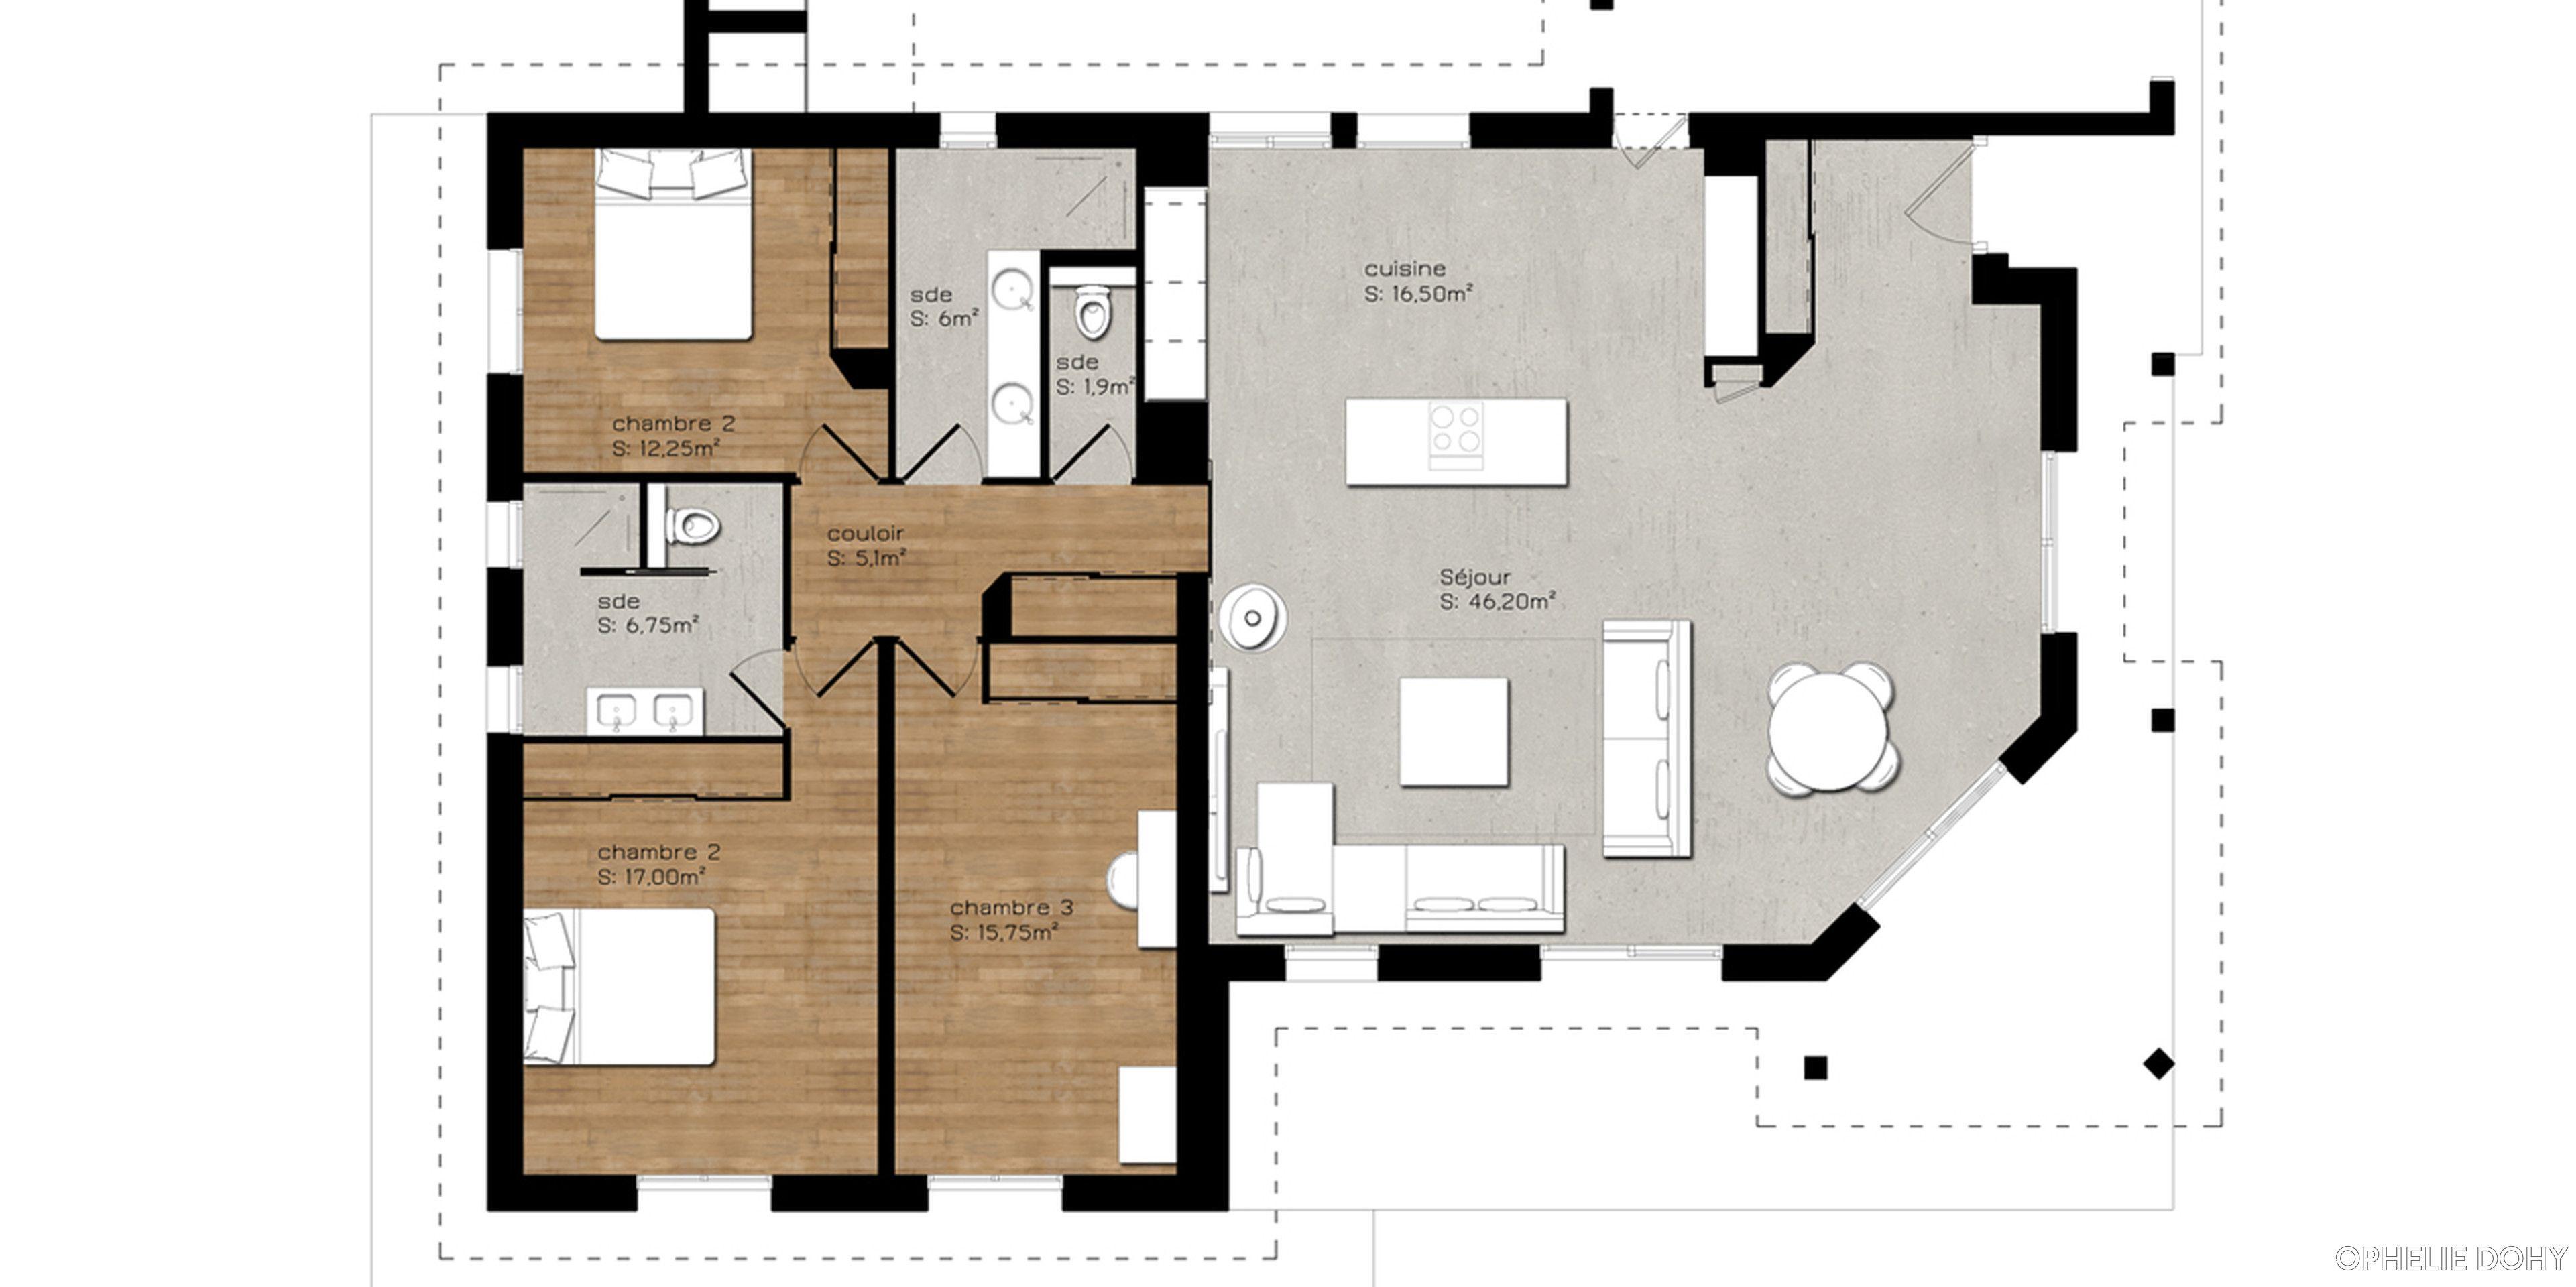 Plan dune maison rez de chaussée